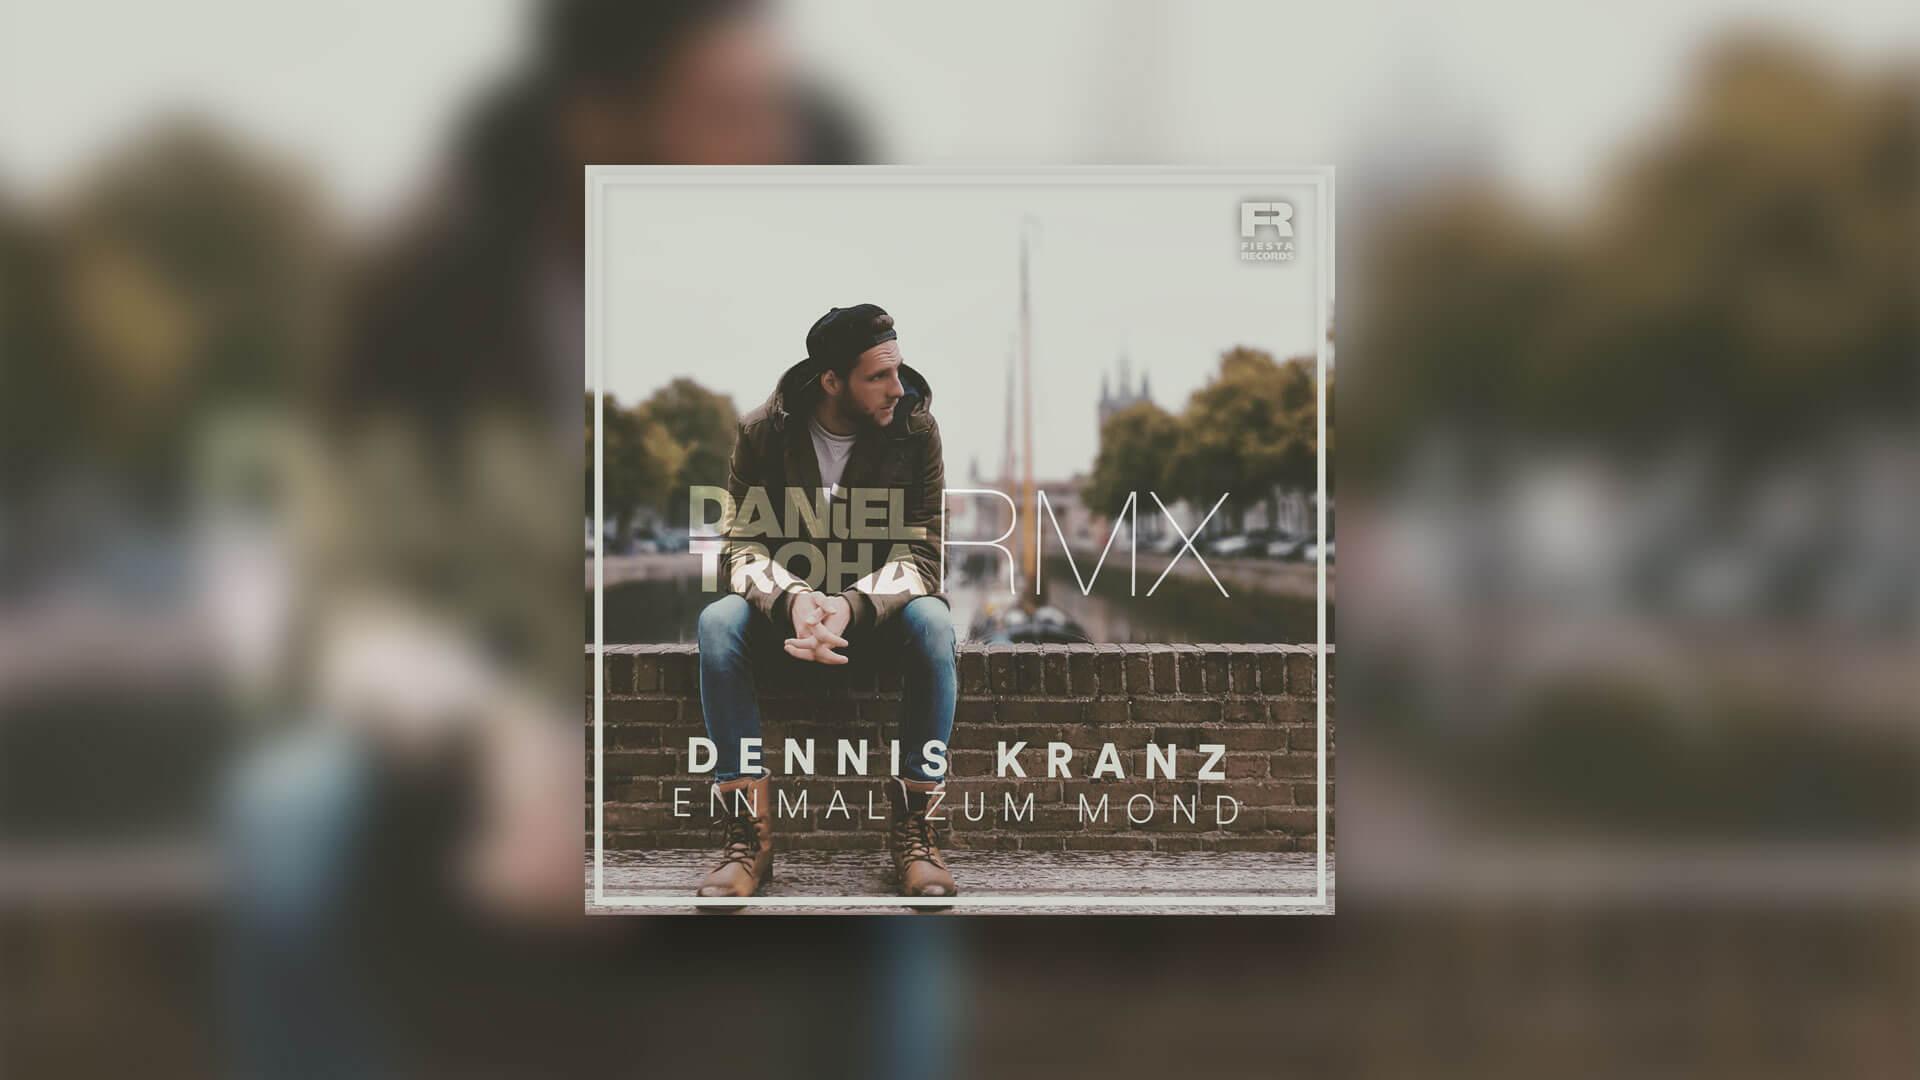 Dennis Kranz – Einmal Zum Mond (Daniel Troha RMX)